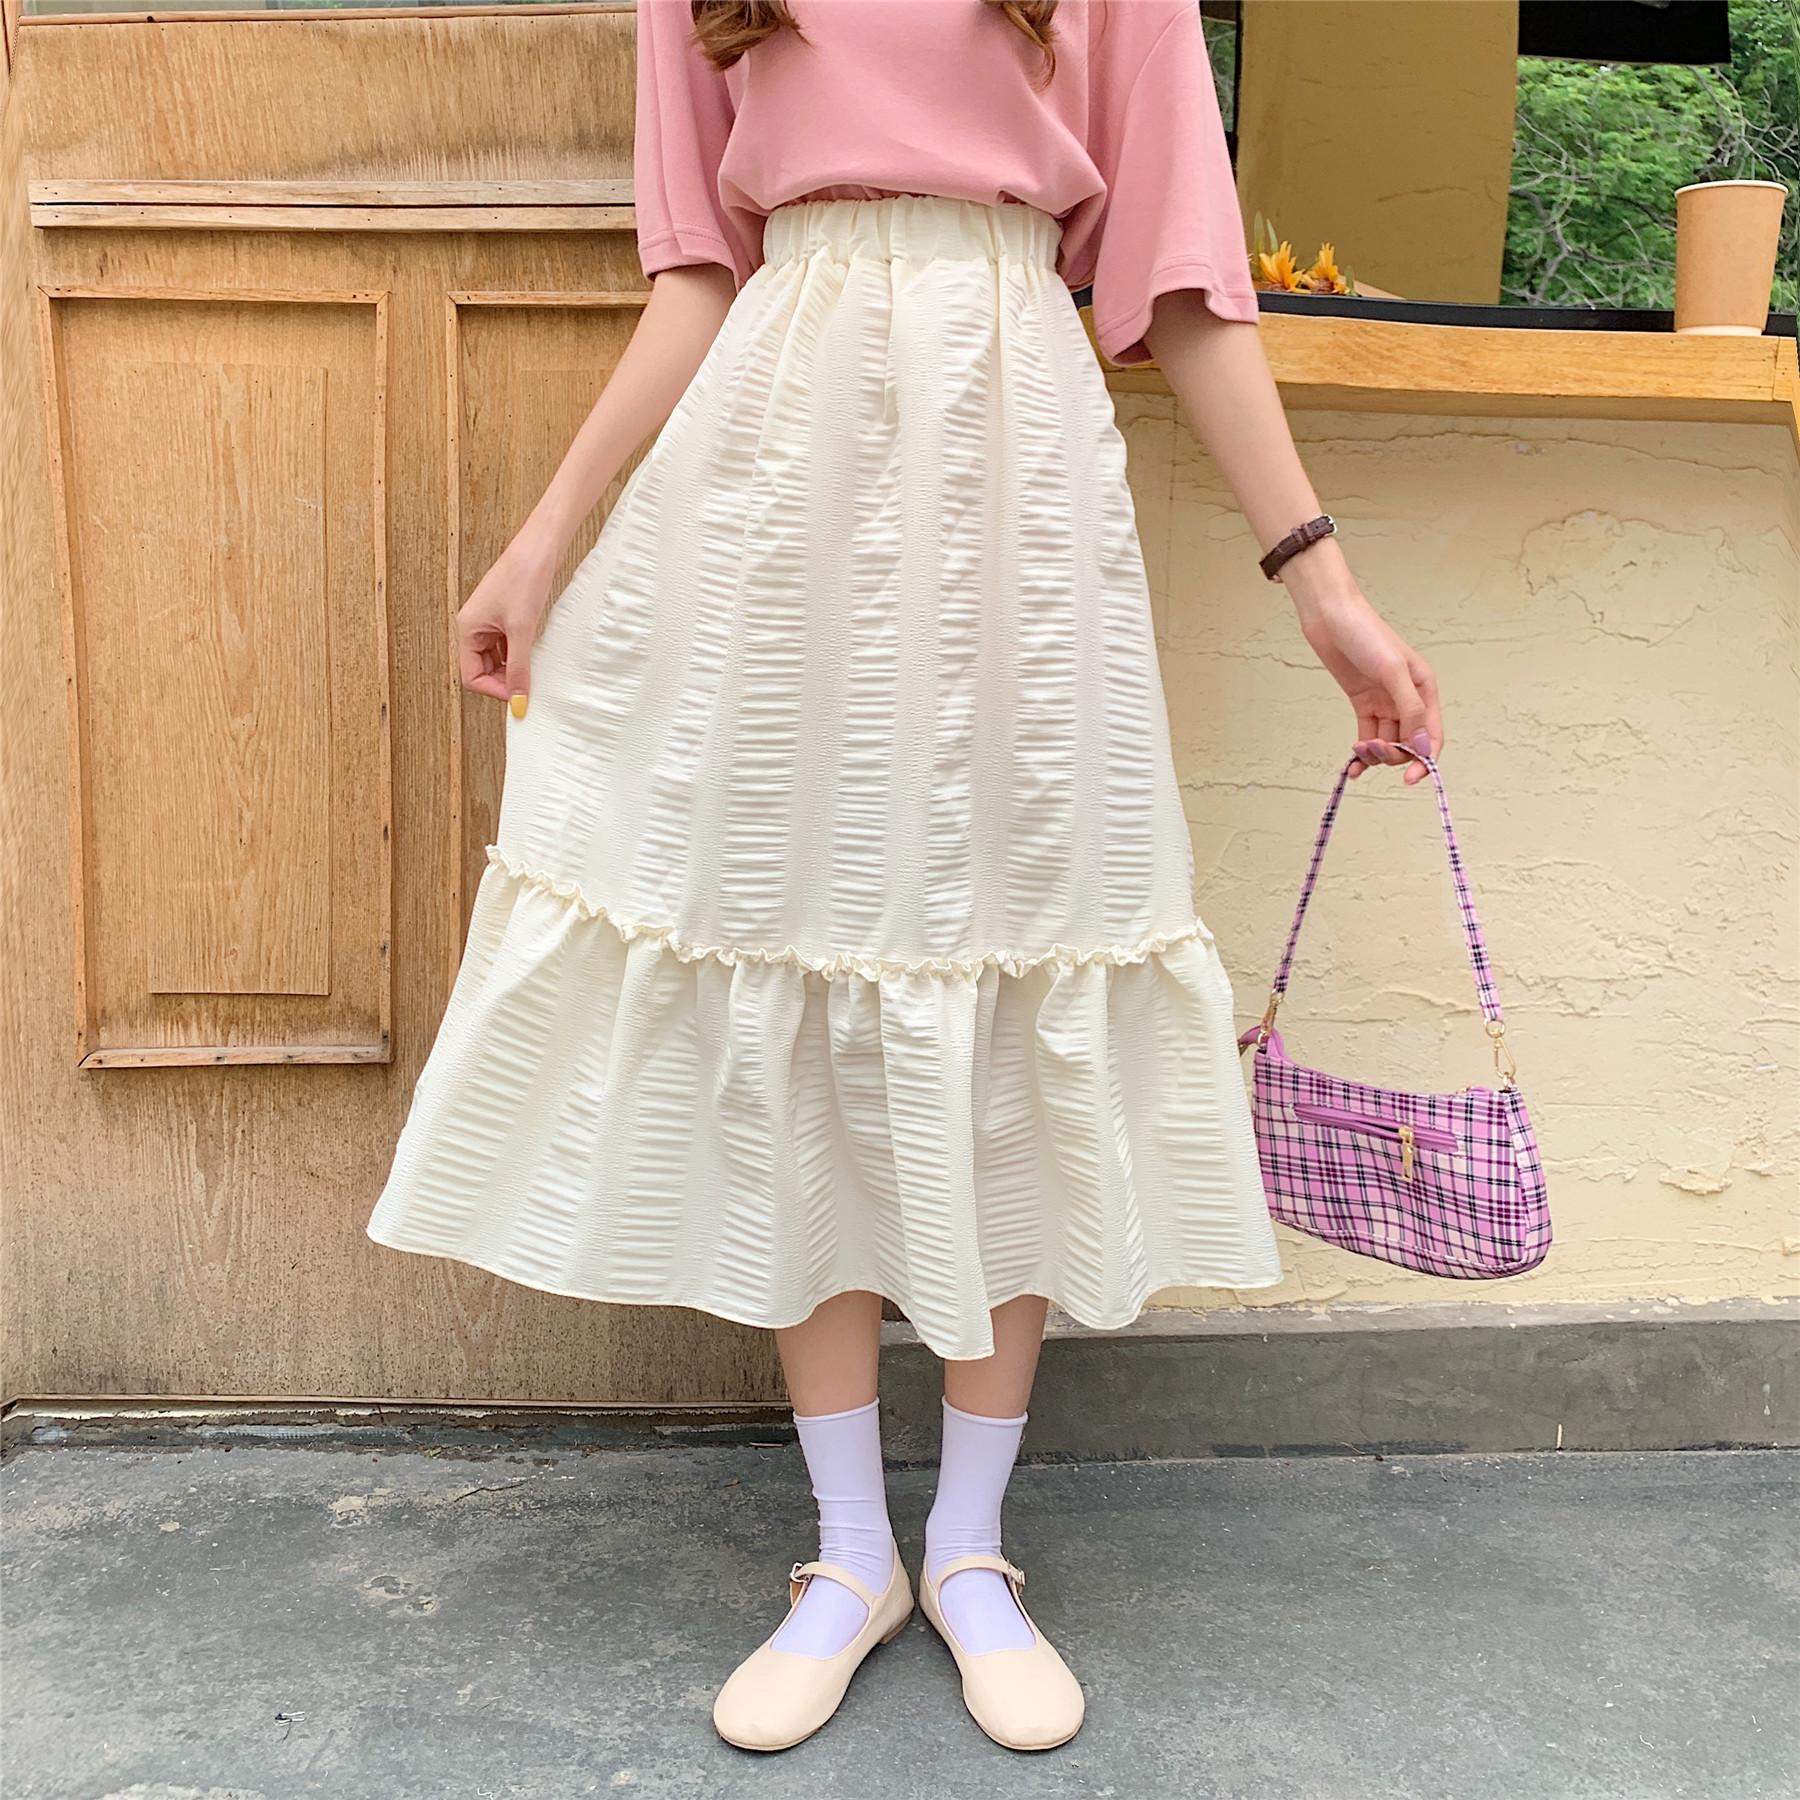 988#實拍實價 2020夏季新款高腰半身裙女學生韓版寬松